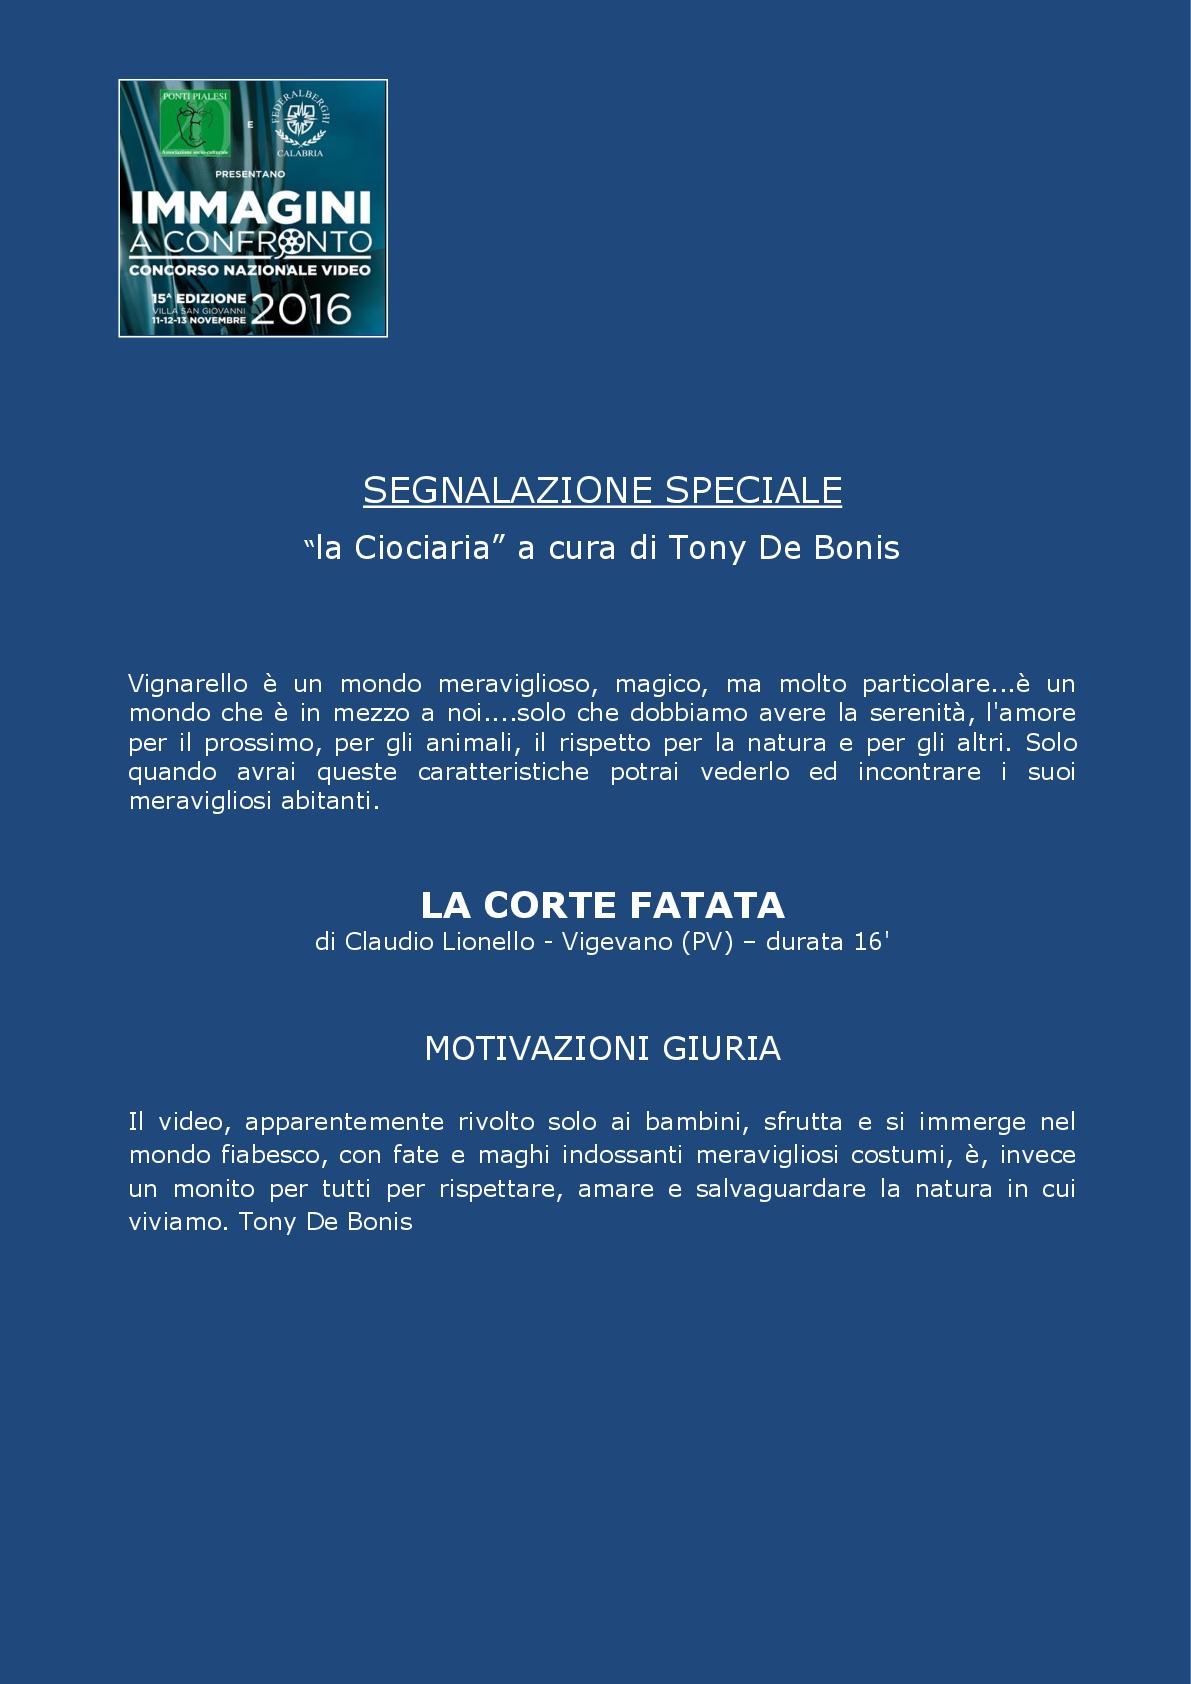 PONTI PIALESI - 15a Edizione IMMAGINI A CONFRONTO 2016 - PREMIAZIONI (12)